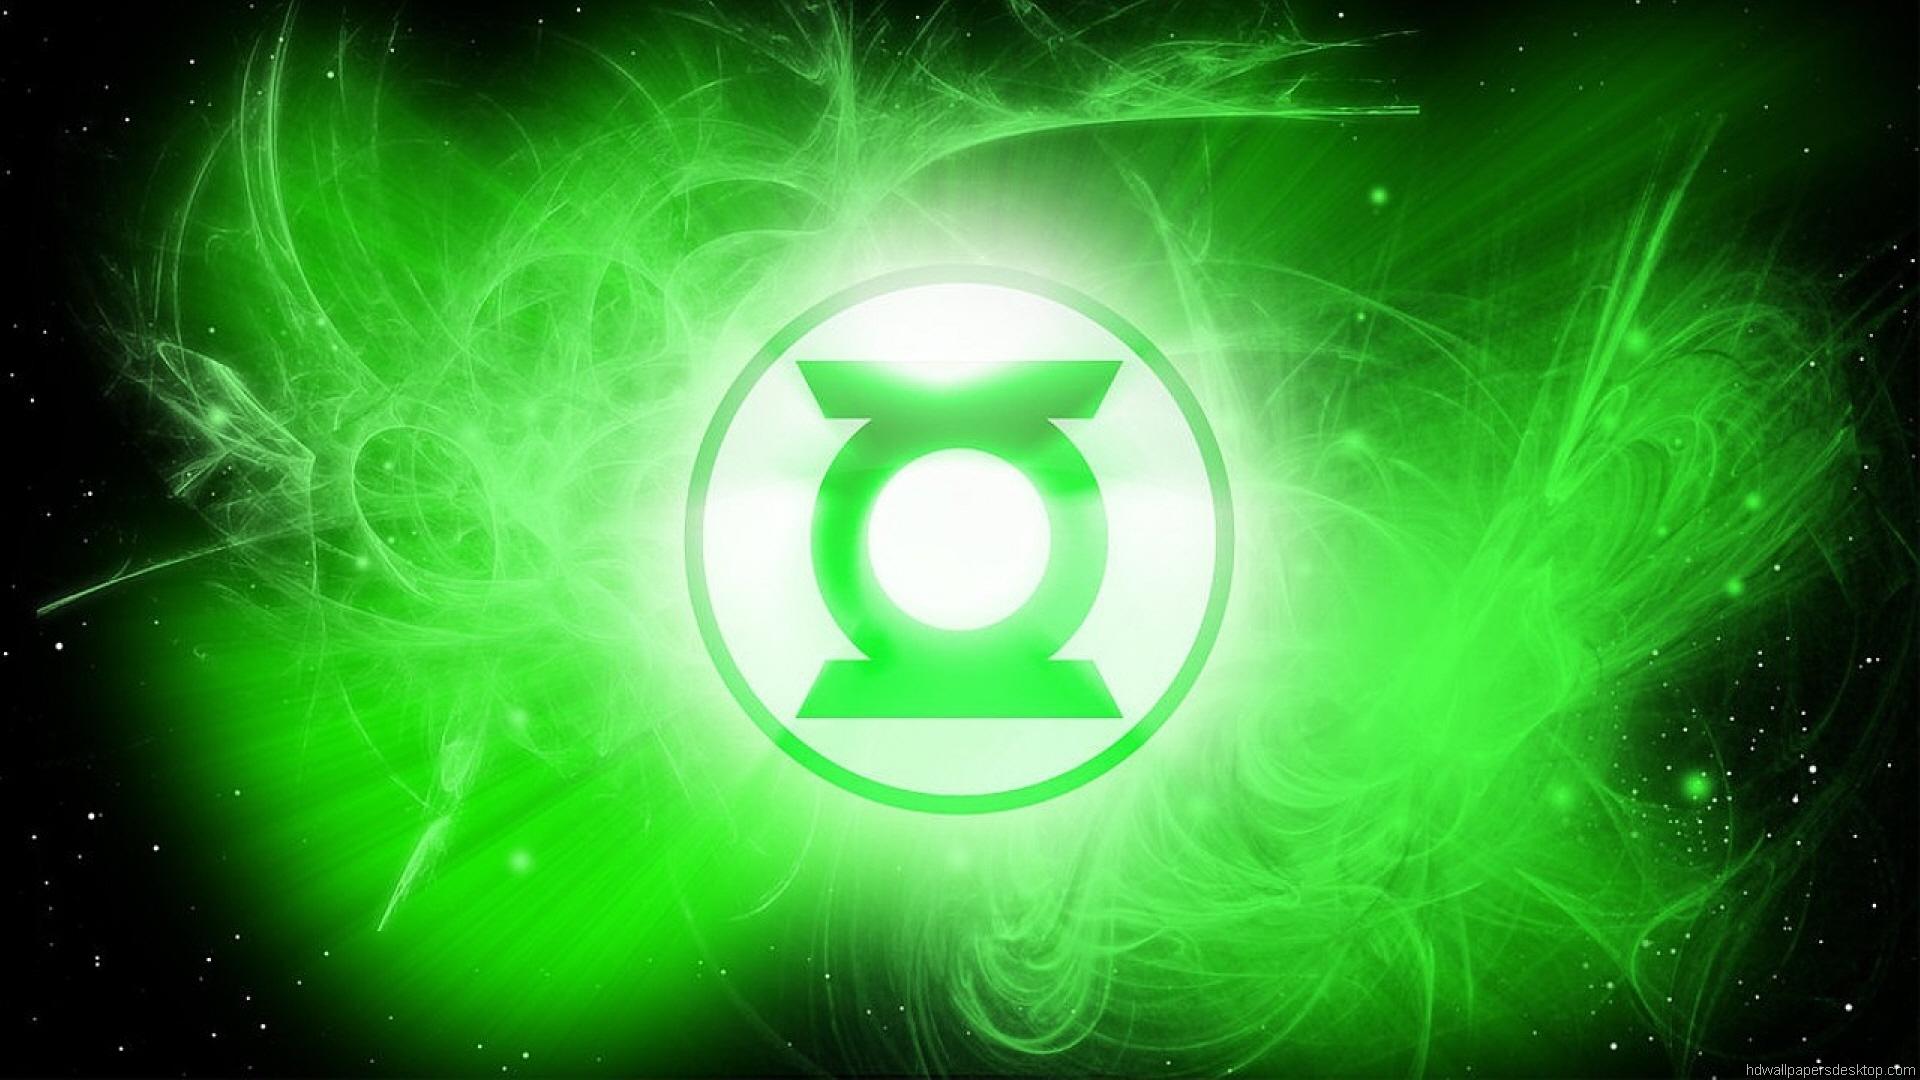 Cool Green Lantern Wallpaper 23540 2411x1576 px